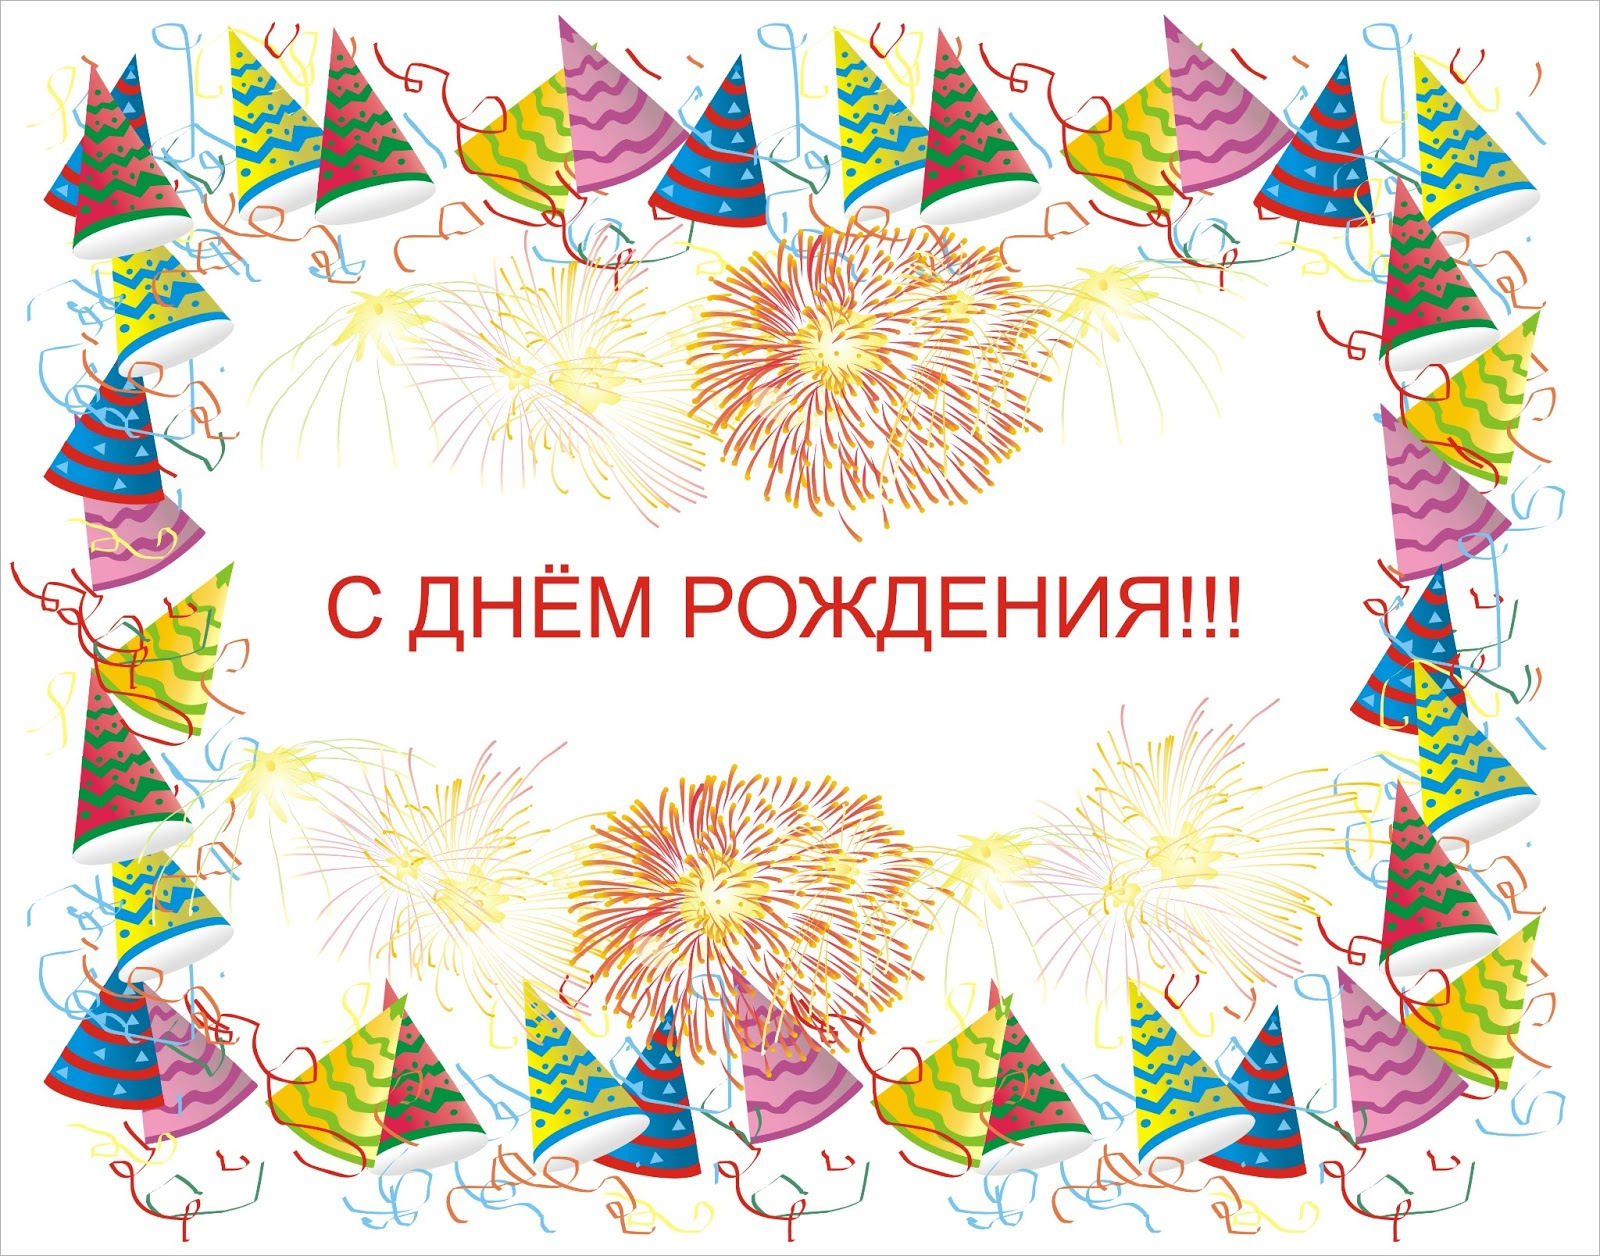 Смешные Поздравления с днем рождения прикольные беременной